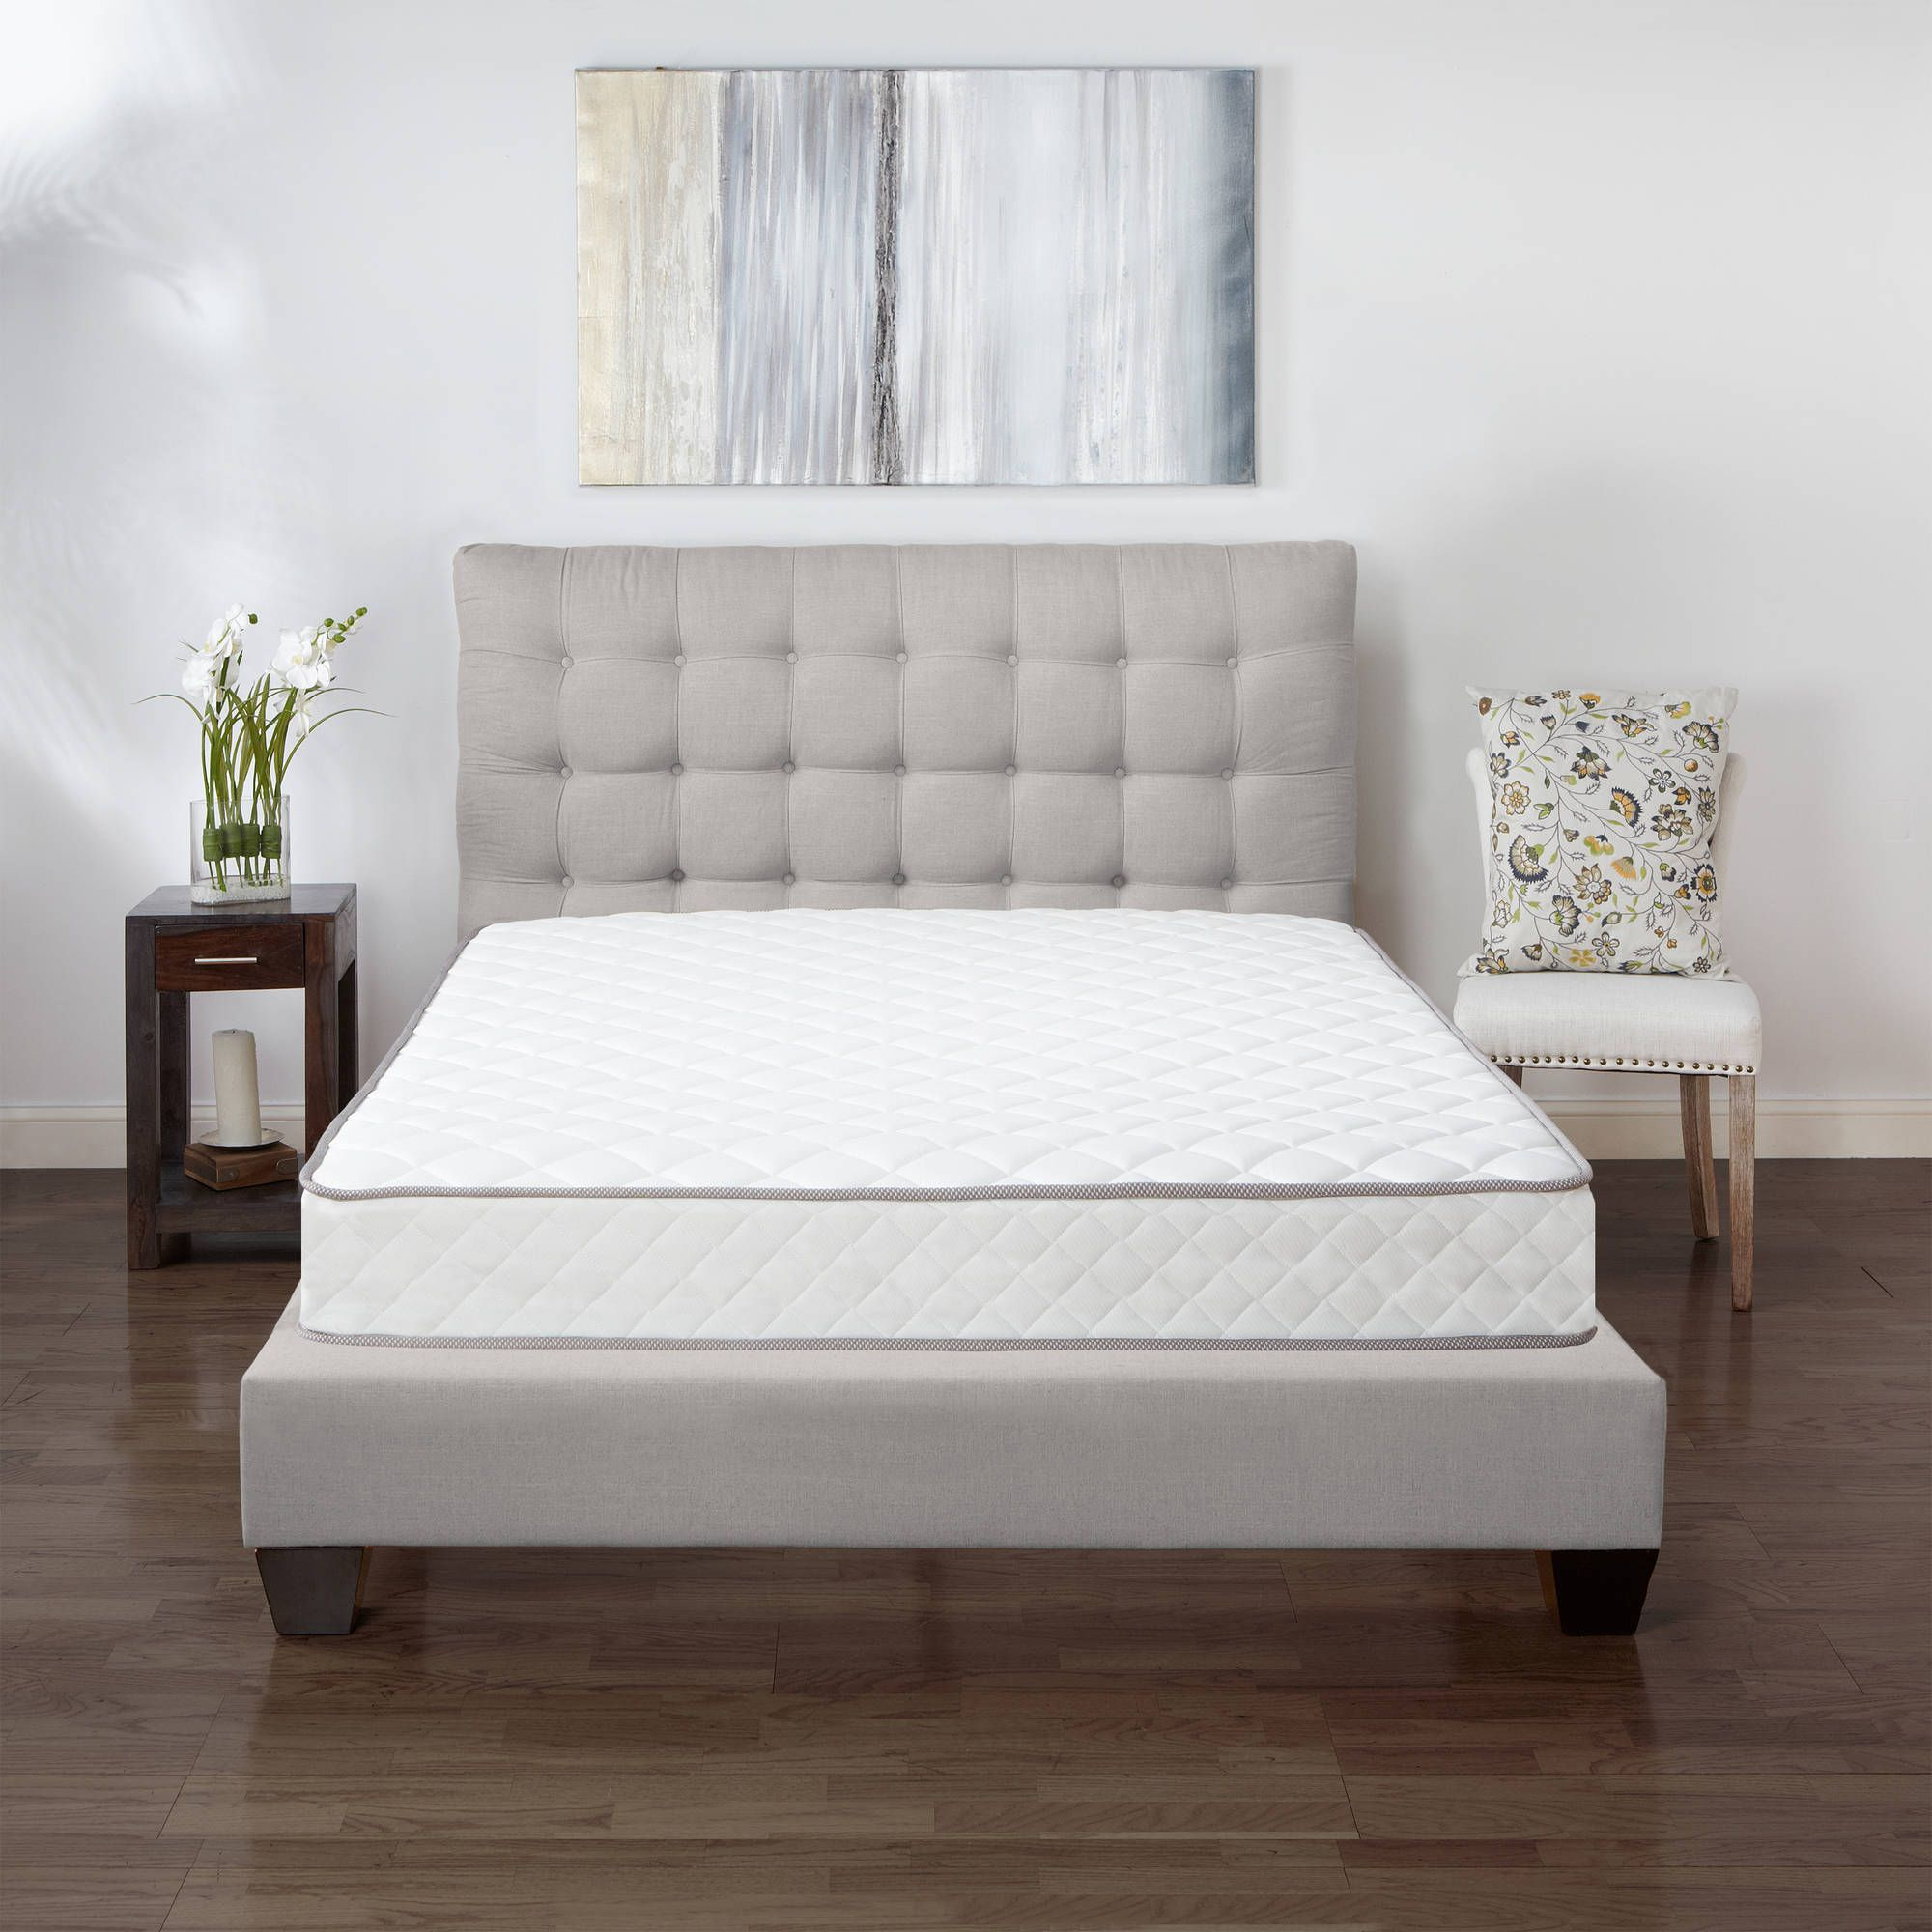 Die Besten Matratzen Für Die Betten Beste matratze